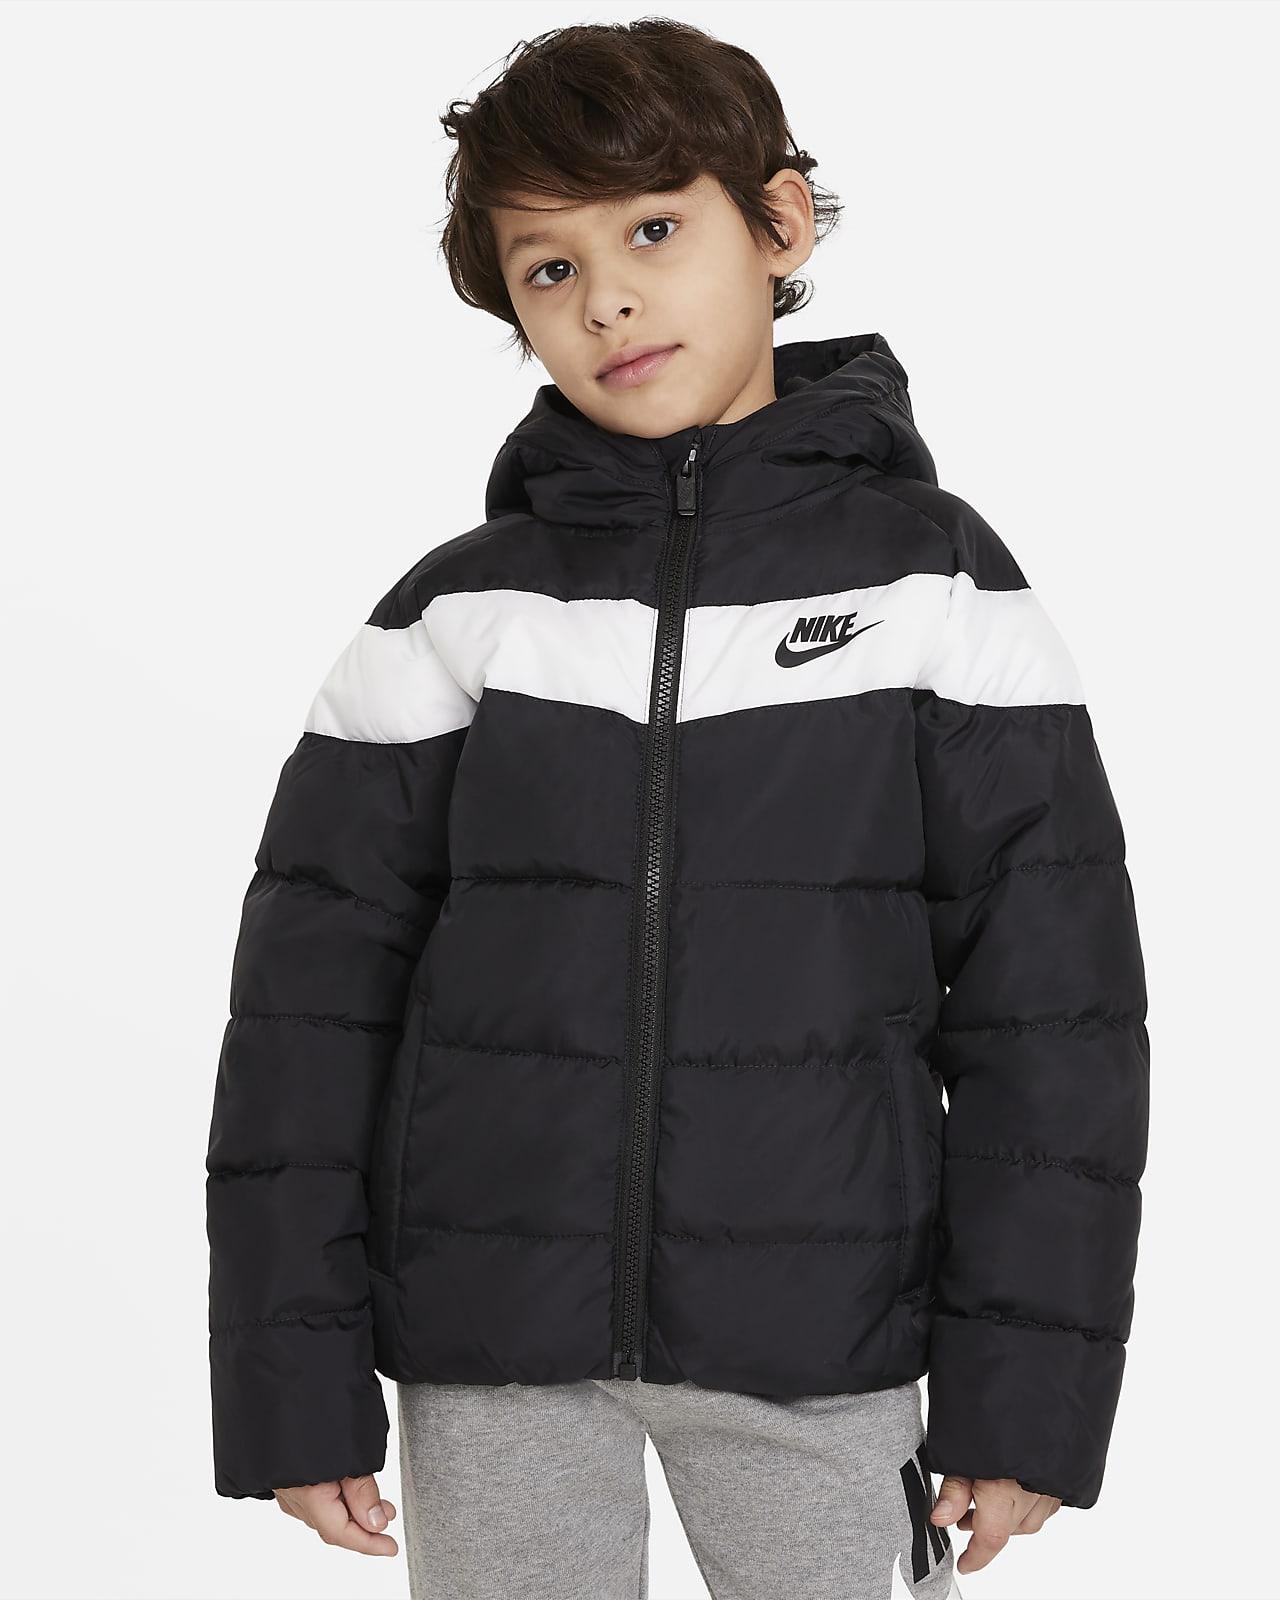 Casaco almofadado Nike para criança